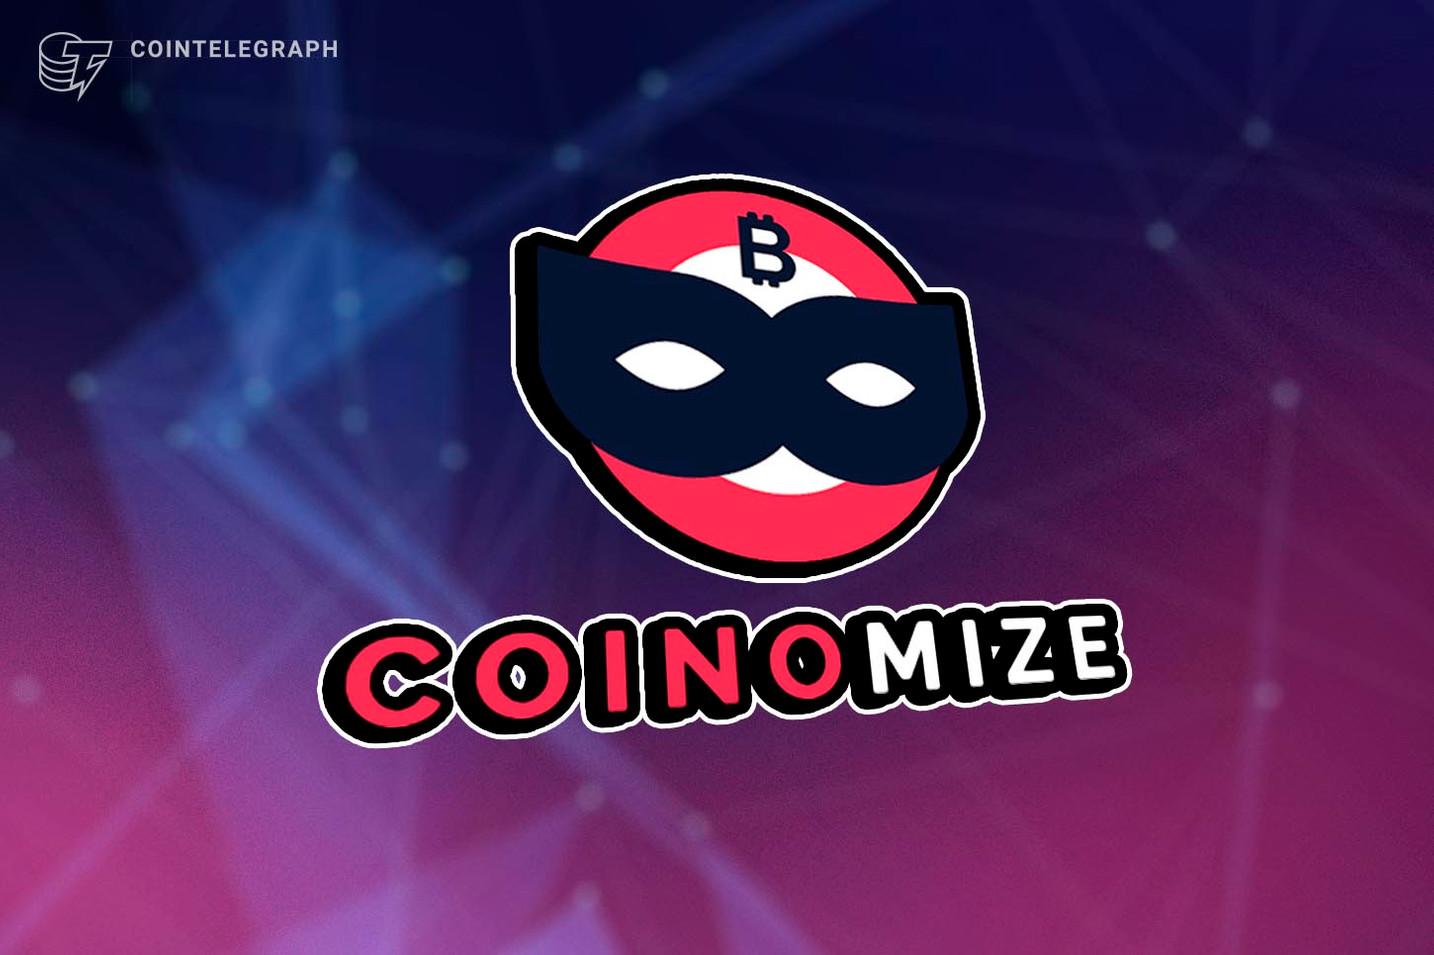 More Bitcoin privacy through Bitcoin mixer Coinomize